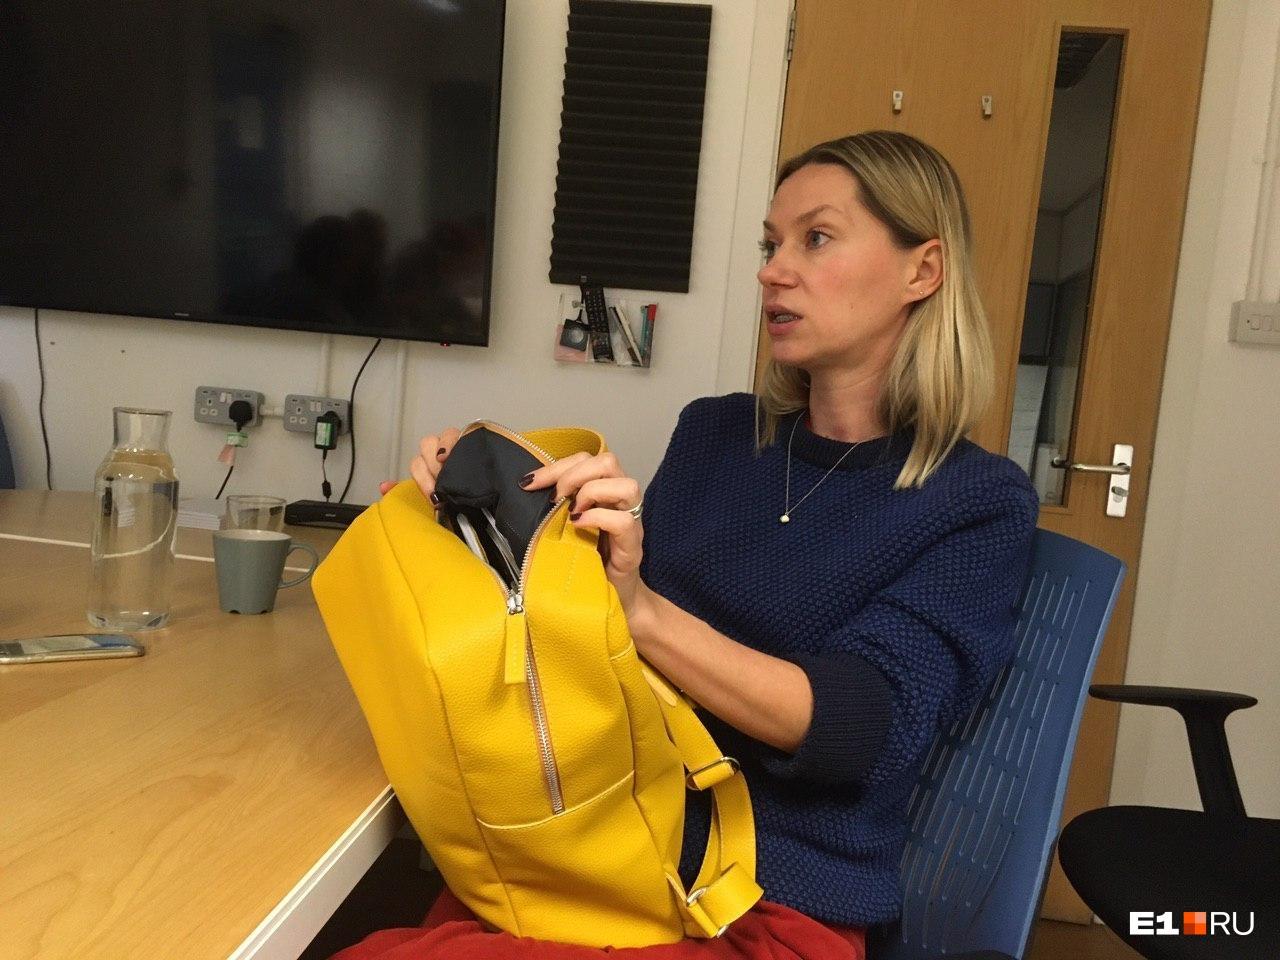 Евгения Минеева придумала делать сумки из переработанных отходов кожевенного производства